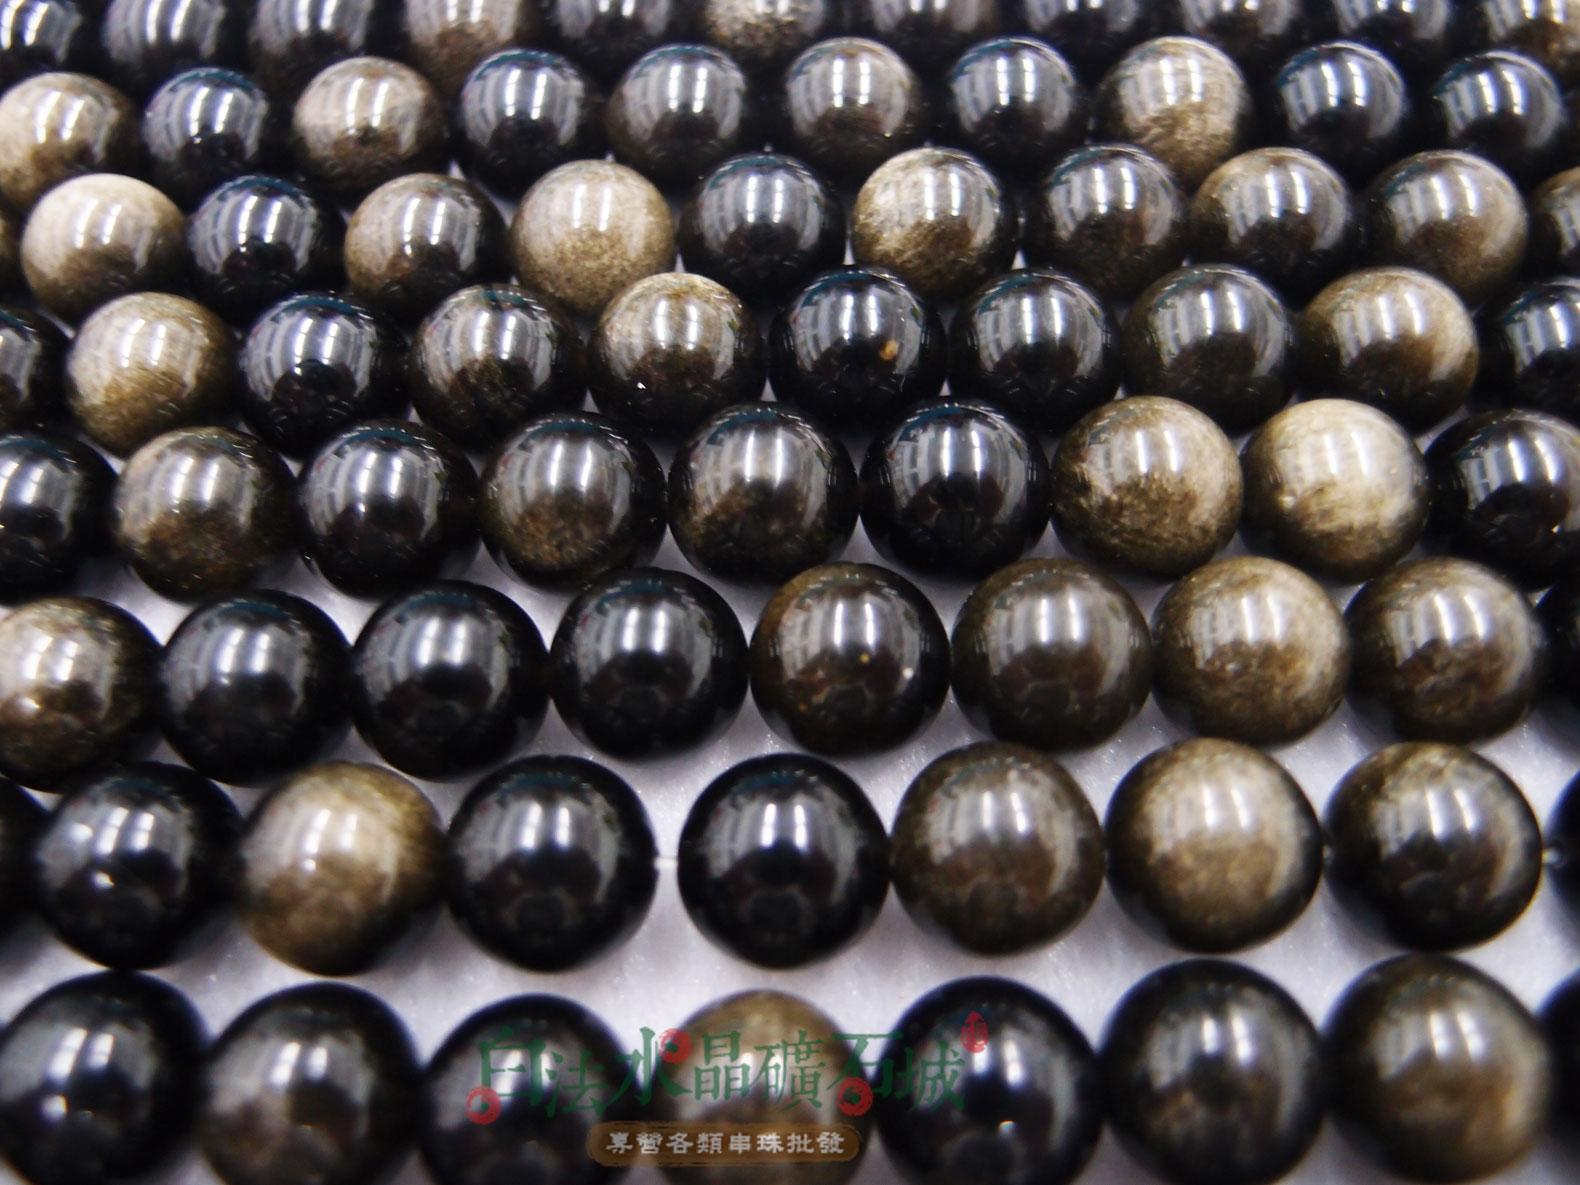 白法水晶礦石城 墨西哥 天然-金曜石 10mm 礦質 串珠/條珠 首飾材料